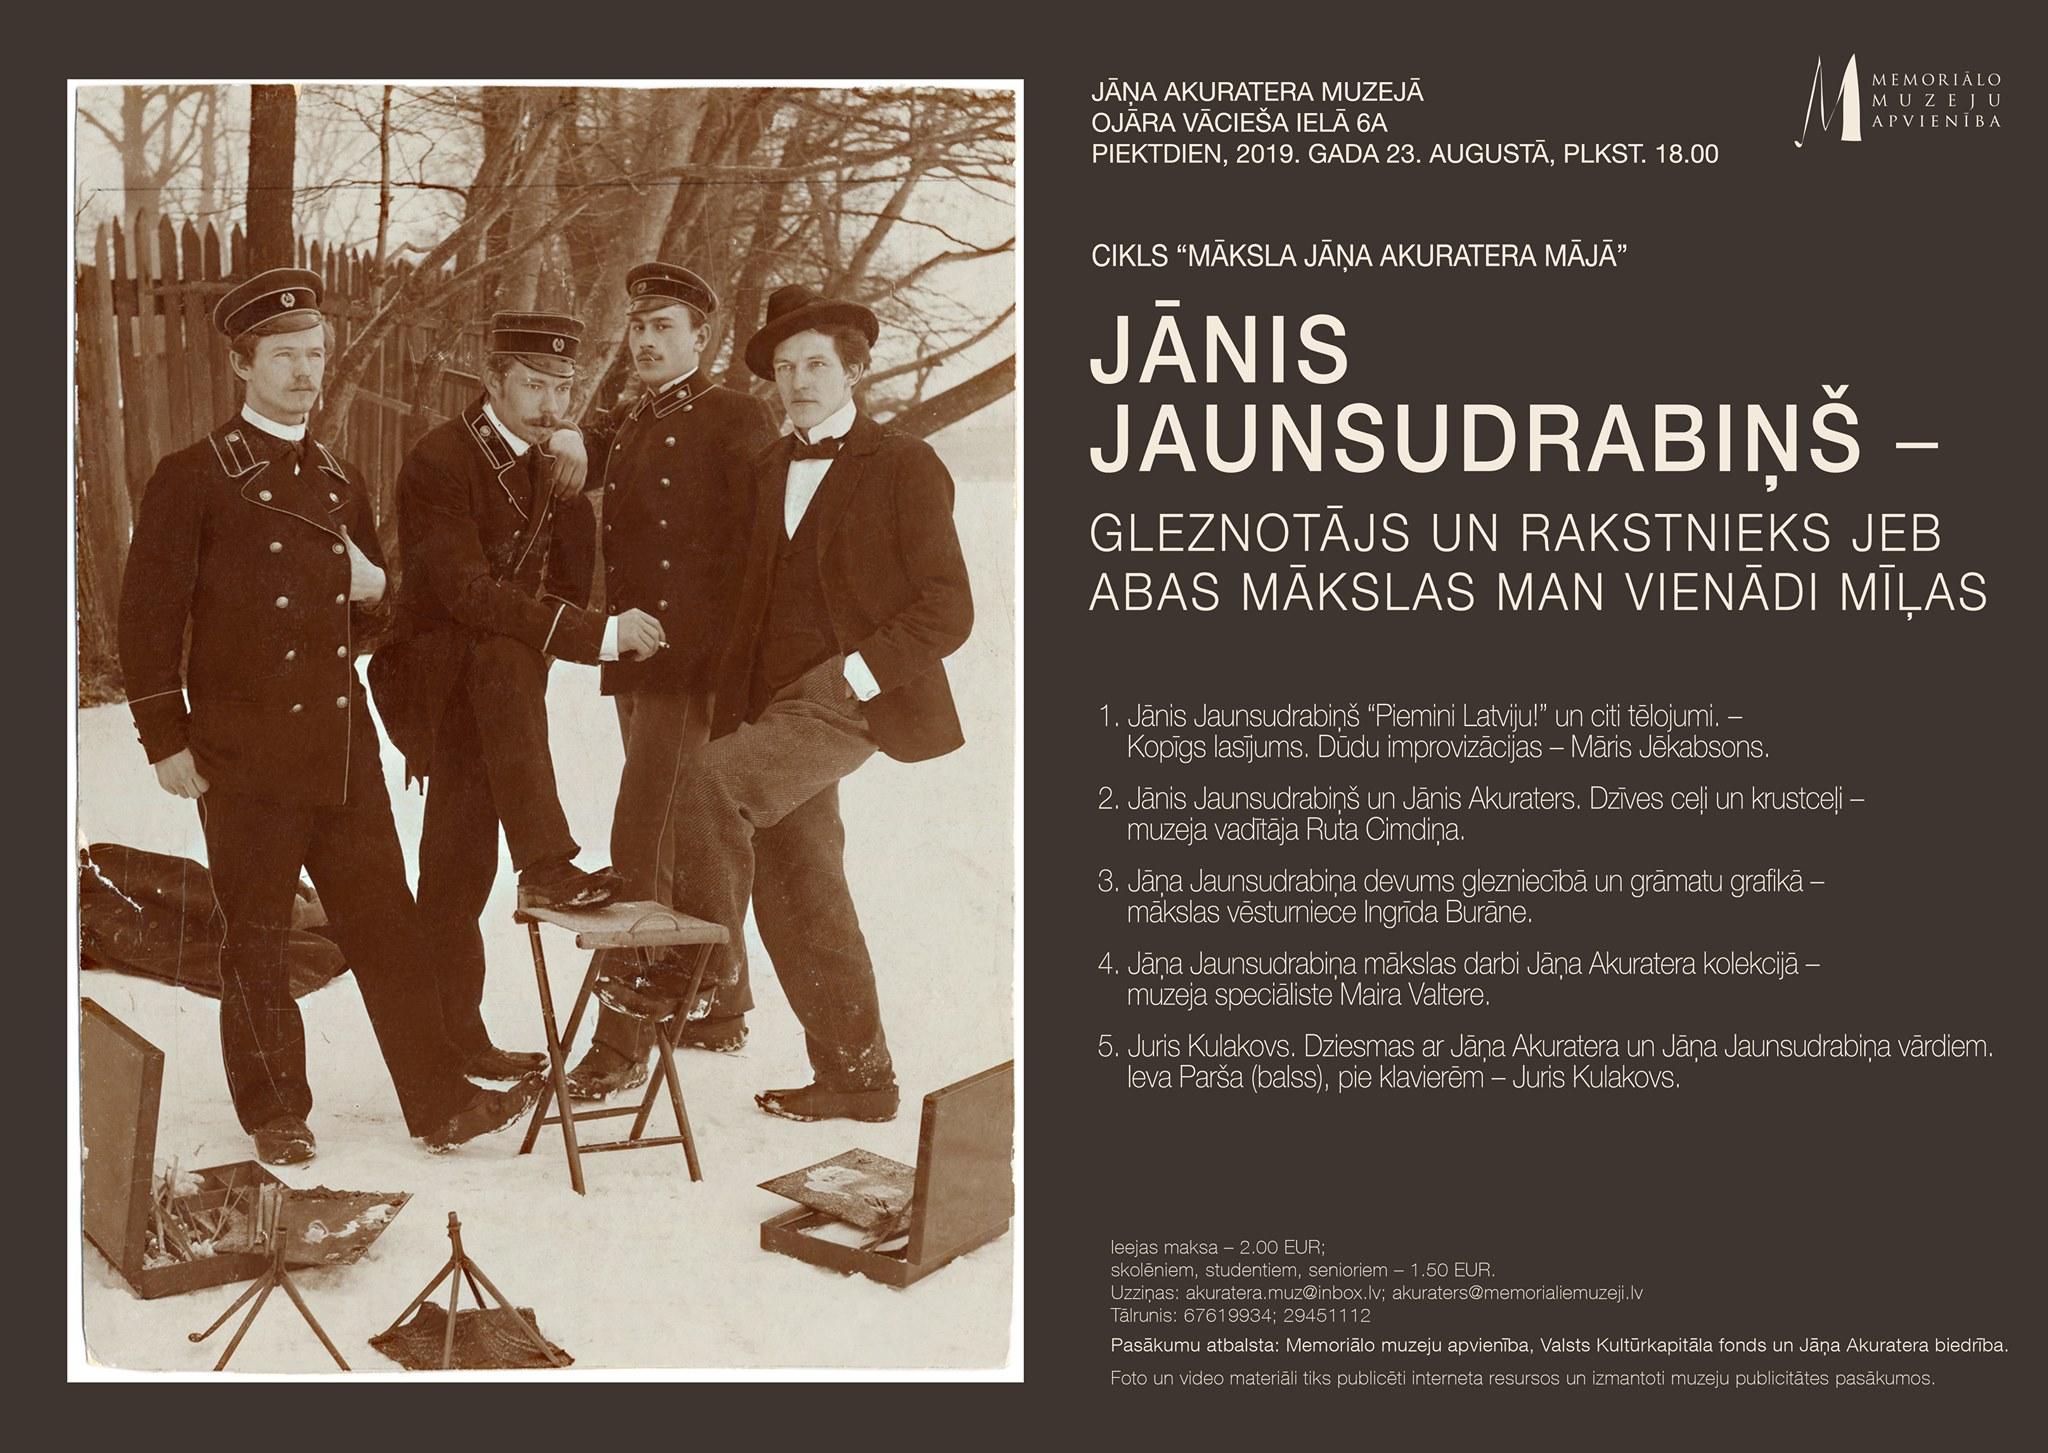 Jānis Jaunsudrabiņš – gleznotājs un rakstnieks